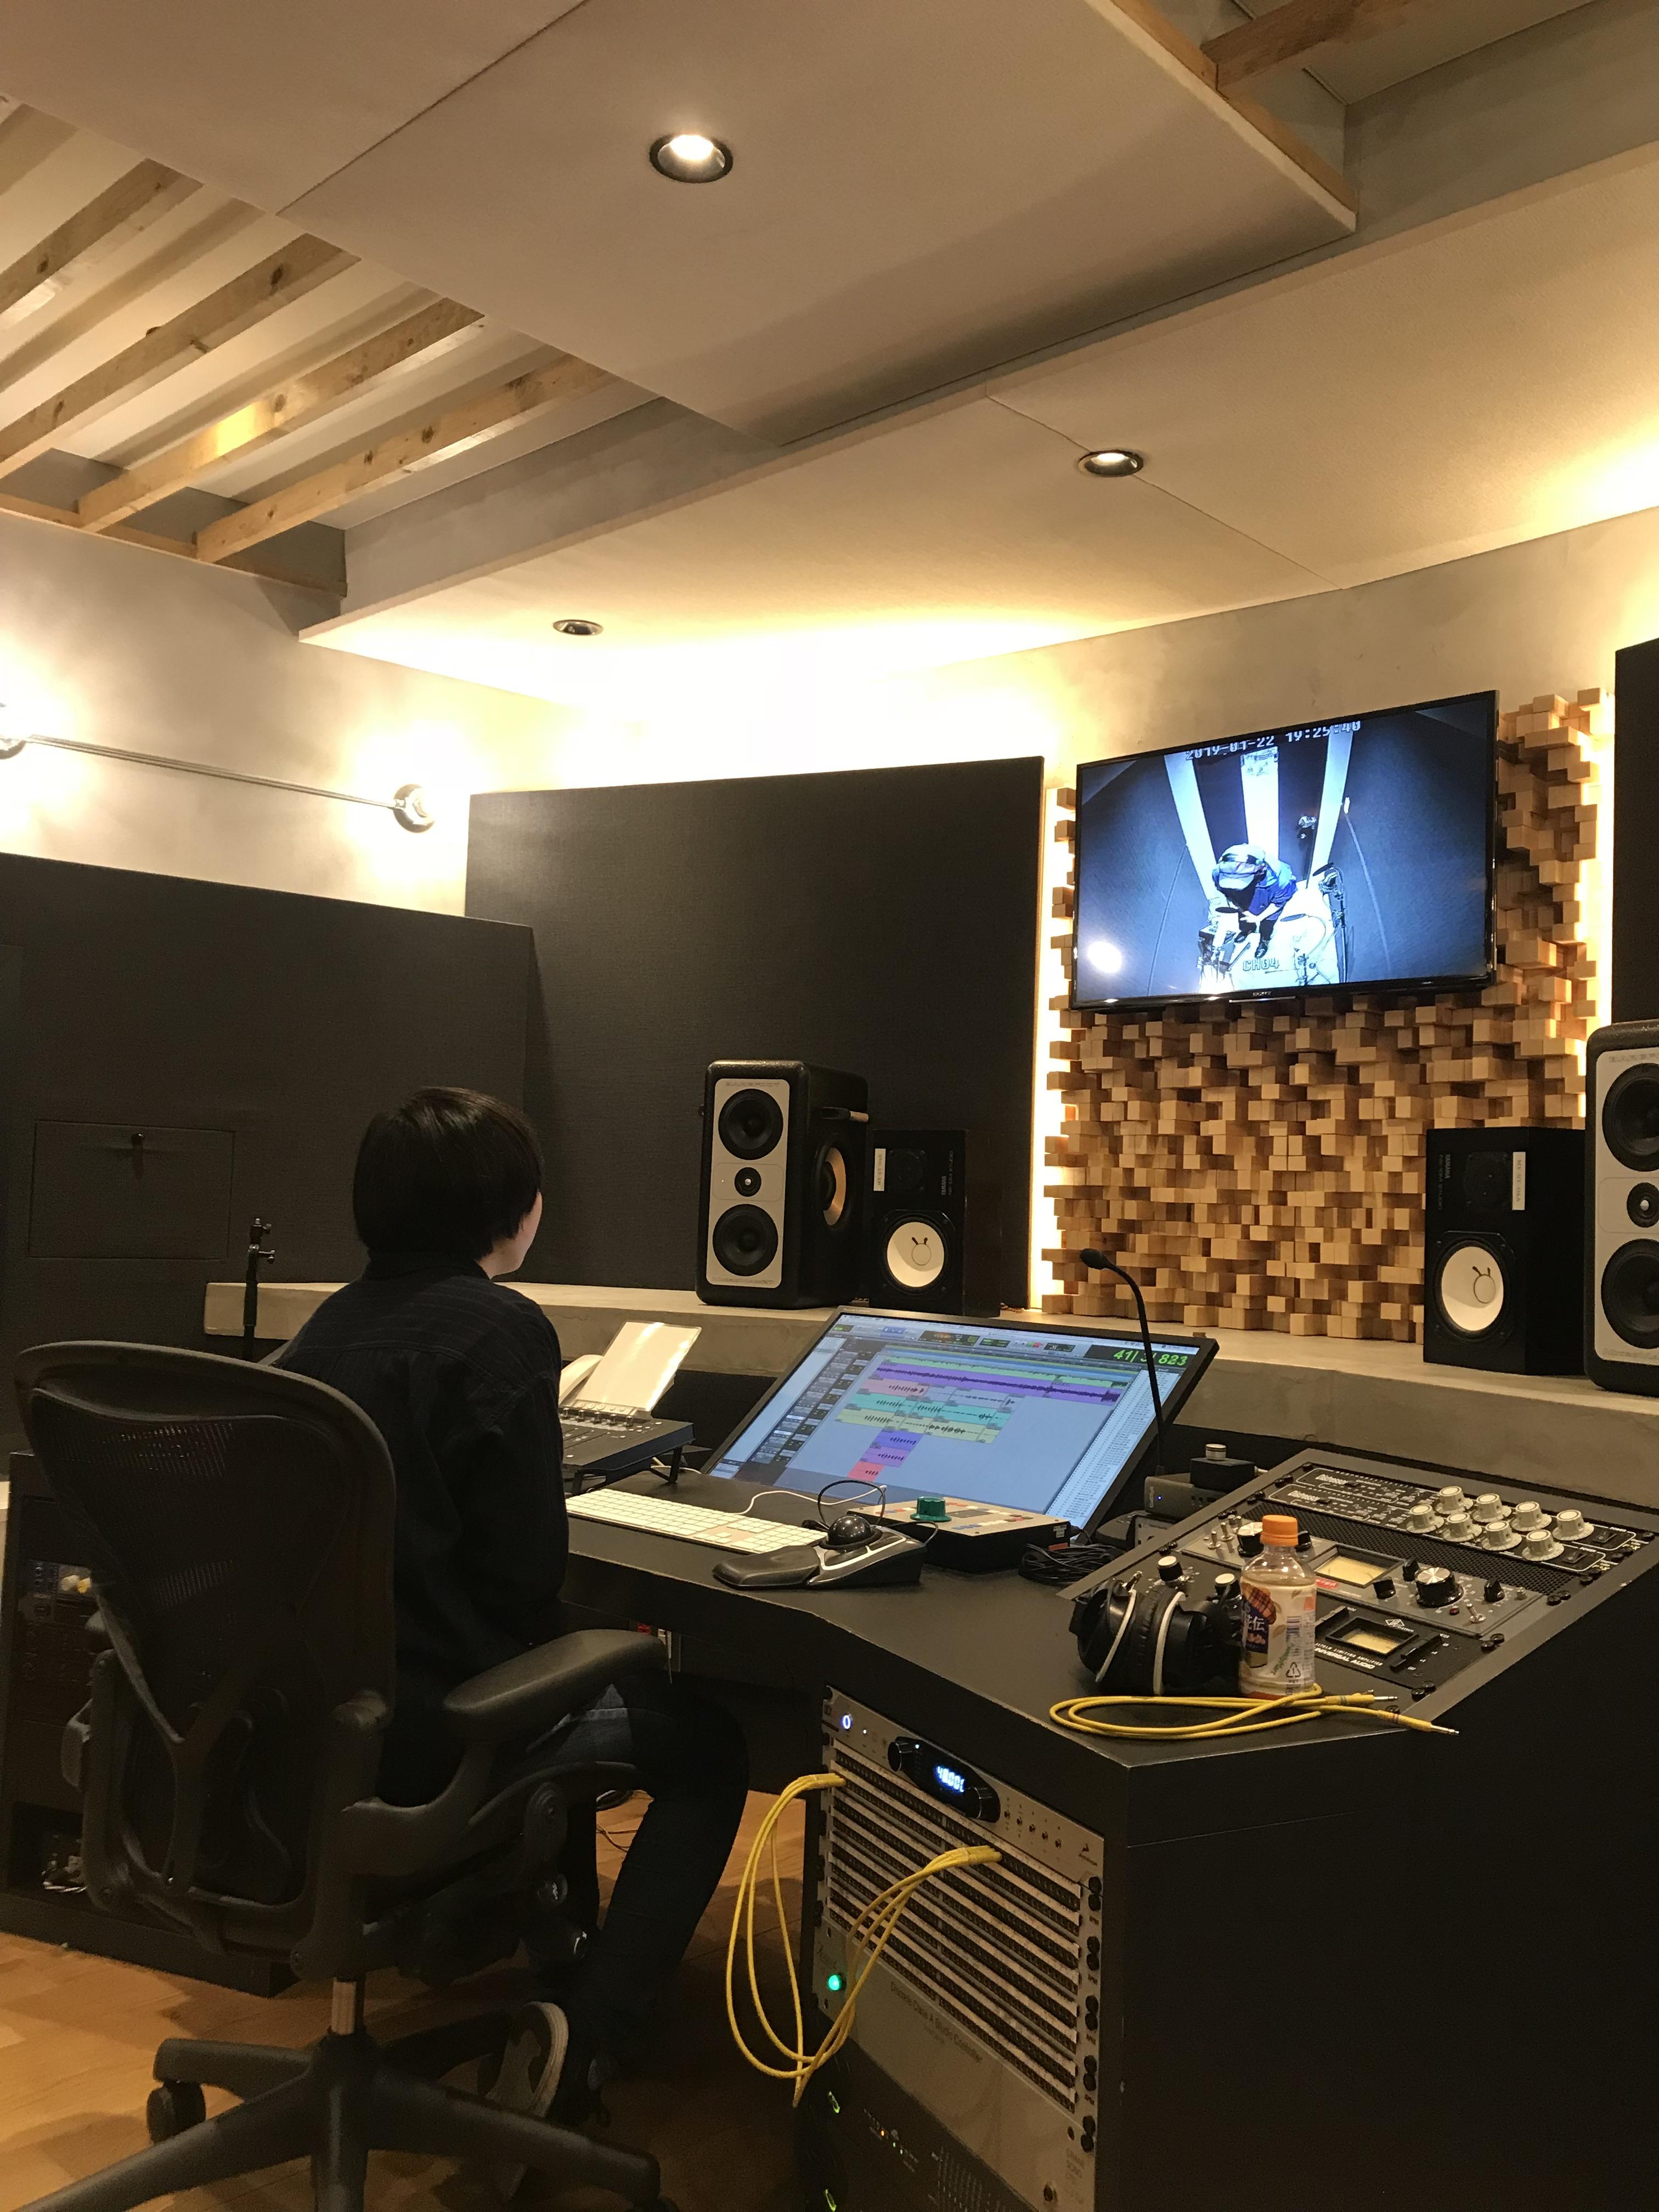 国立音楽院レコーディングスタジオのコントロールルーム。エンジニア席には音響デザイン科の2年生が座り、映像モニターには「あずけん」の武内建くんがヴォーカルブースで歌う姿が映し出されている。